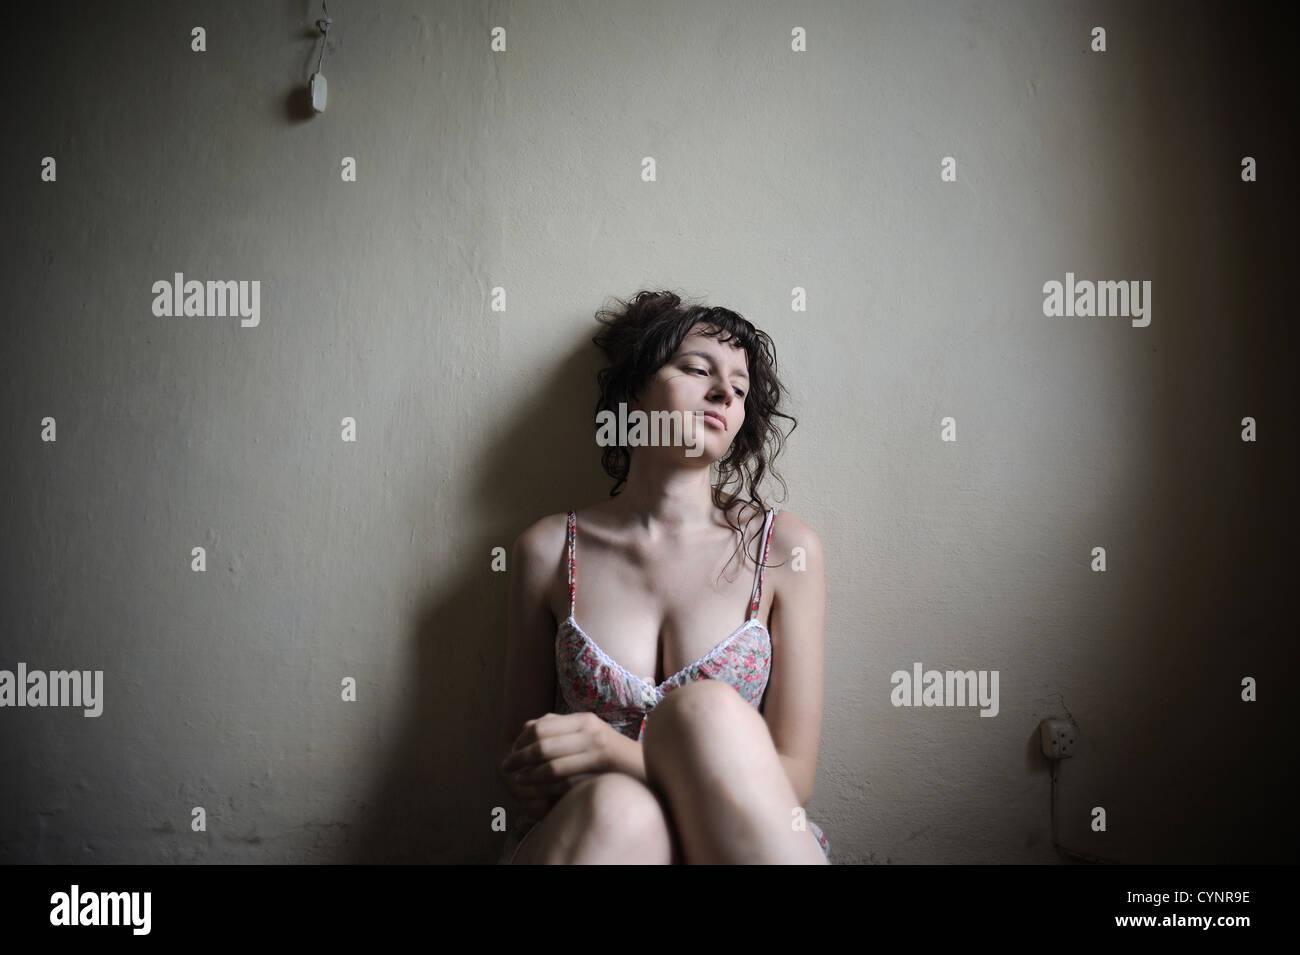 Une tristesse jeune femme est assise dans une salle vide, elle regarder une fenêtre lumineuse Photo Stock